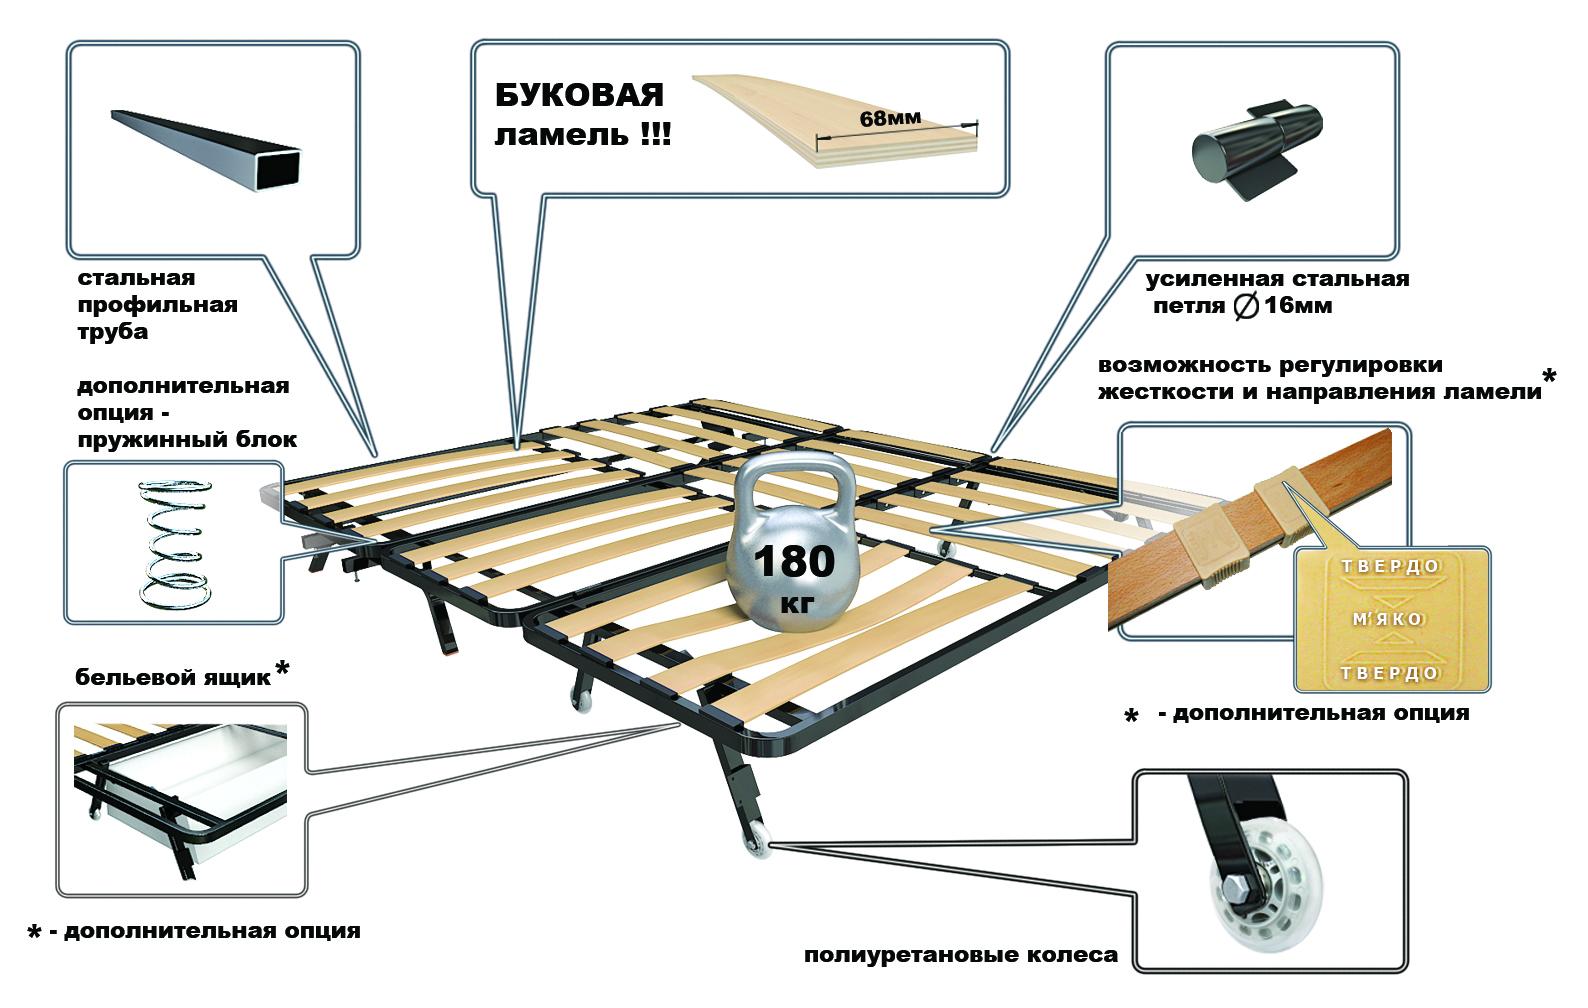 инструкция по сборке дивана пантограф